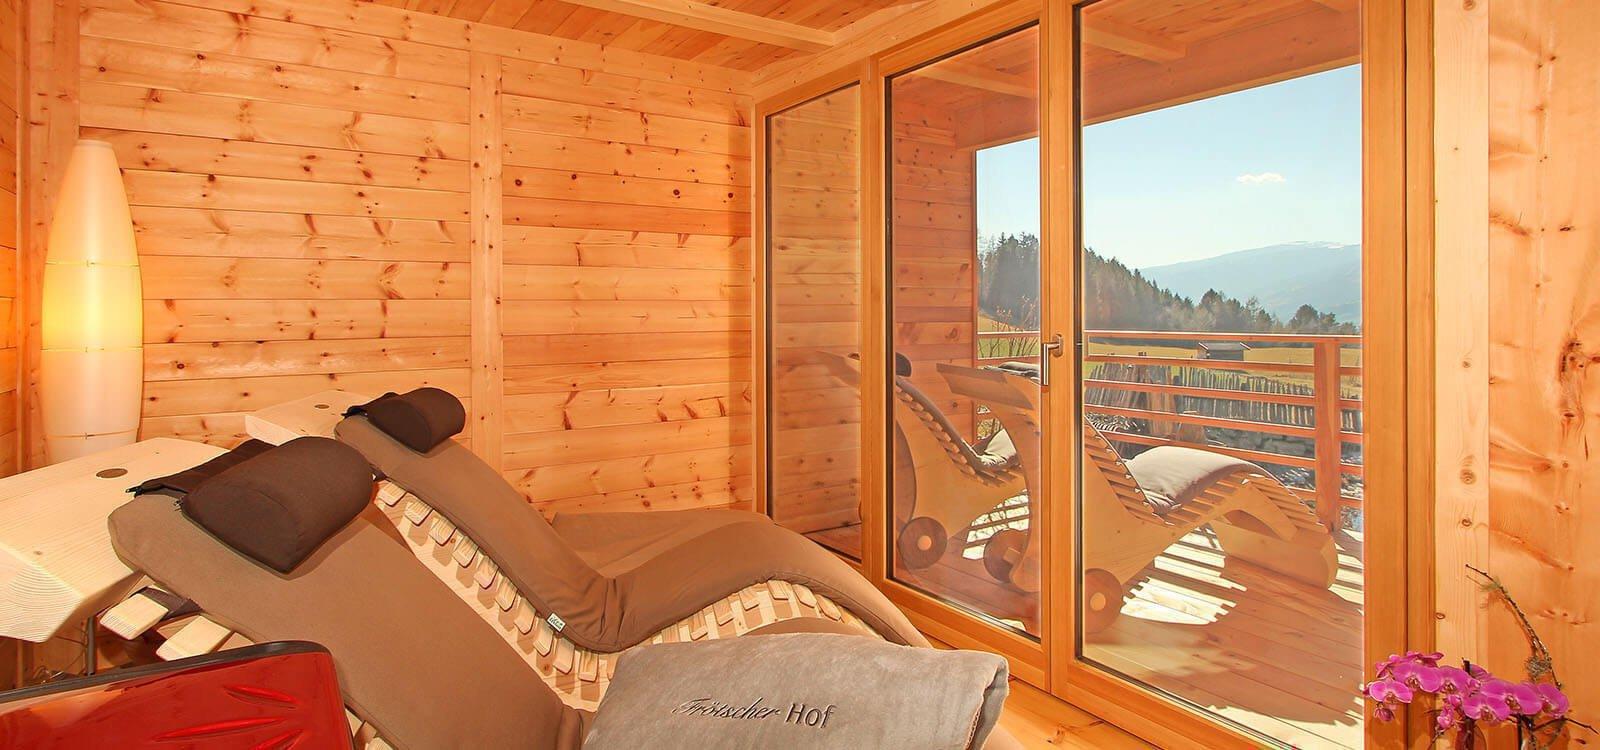 froetscherhof-meluno-sauna-bressanone-01